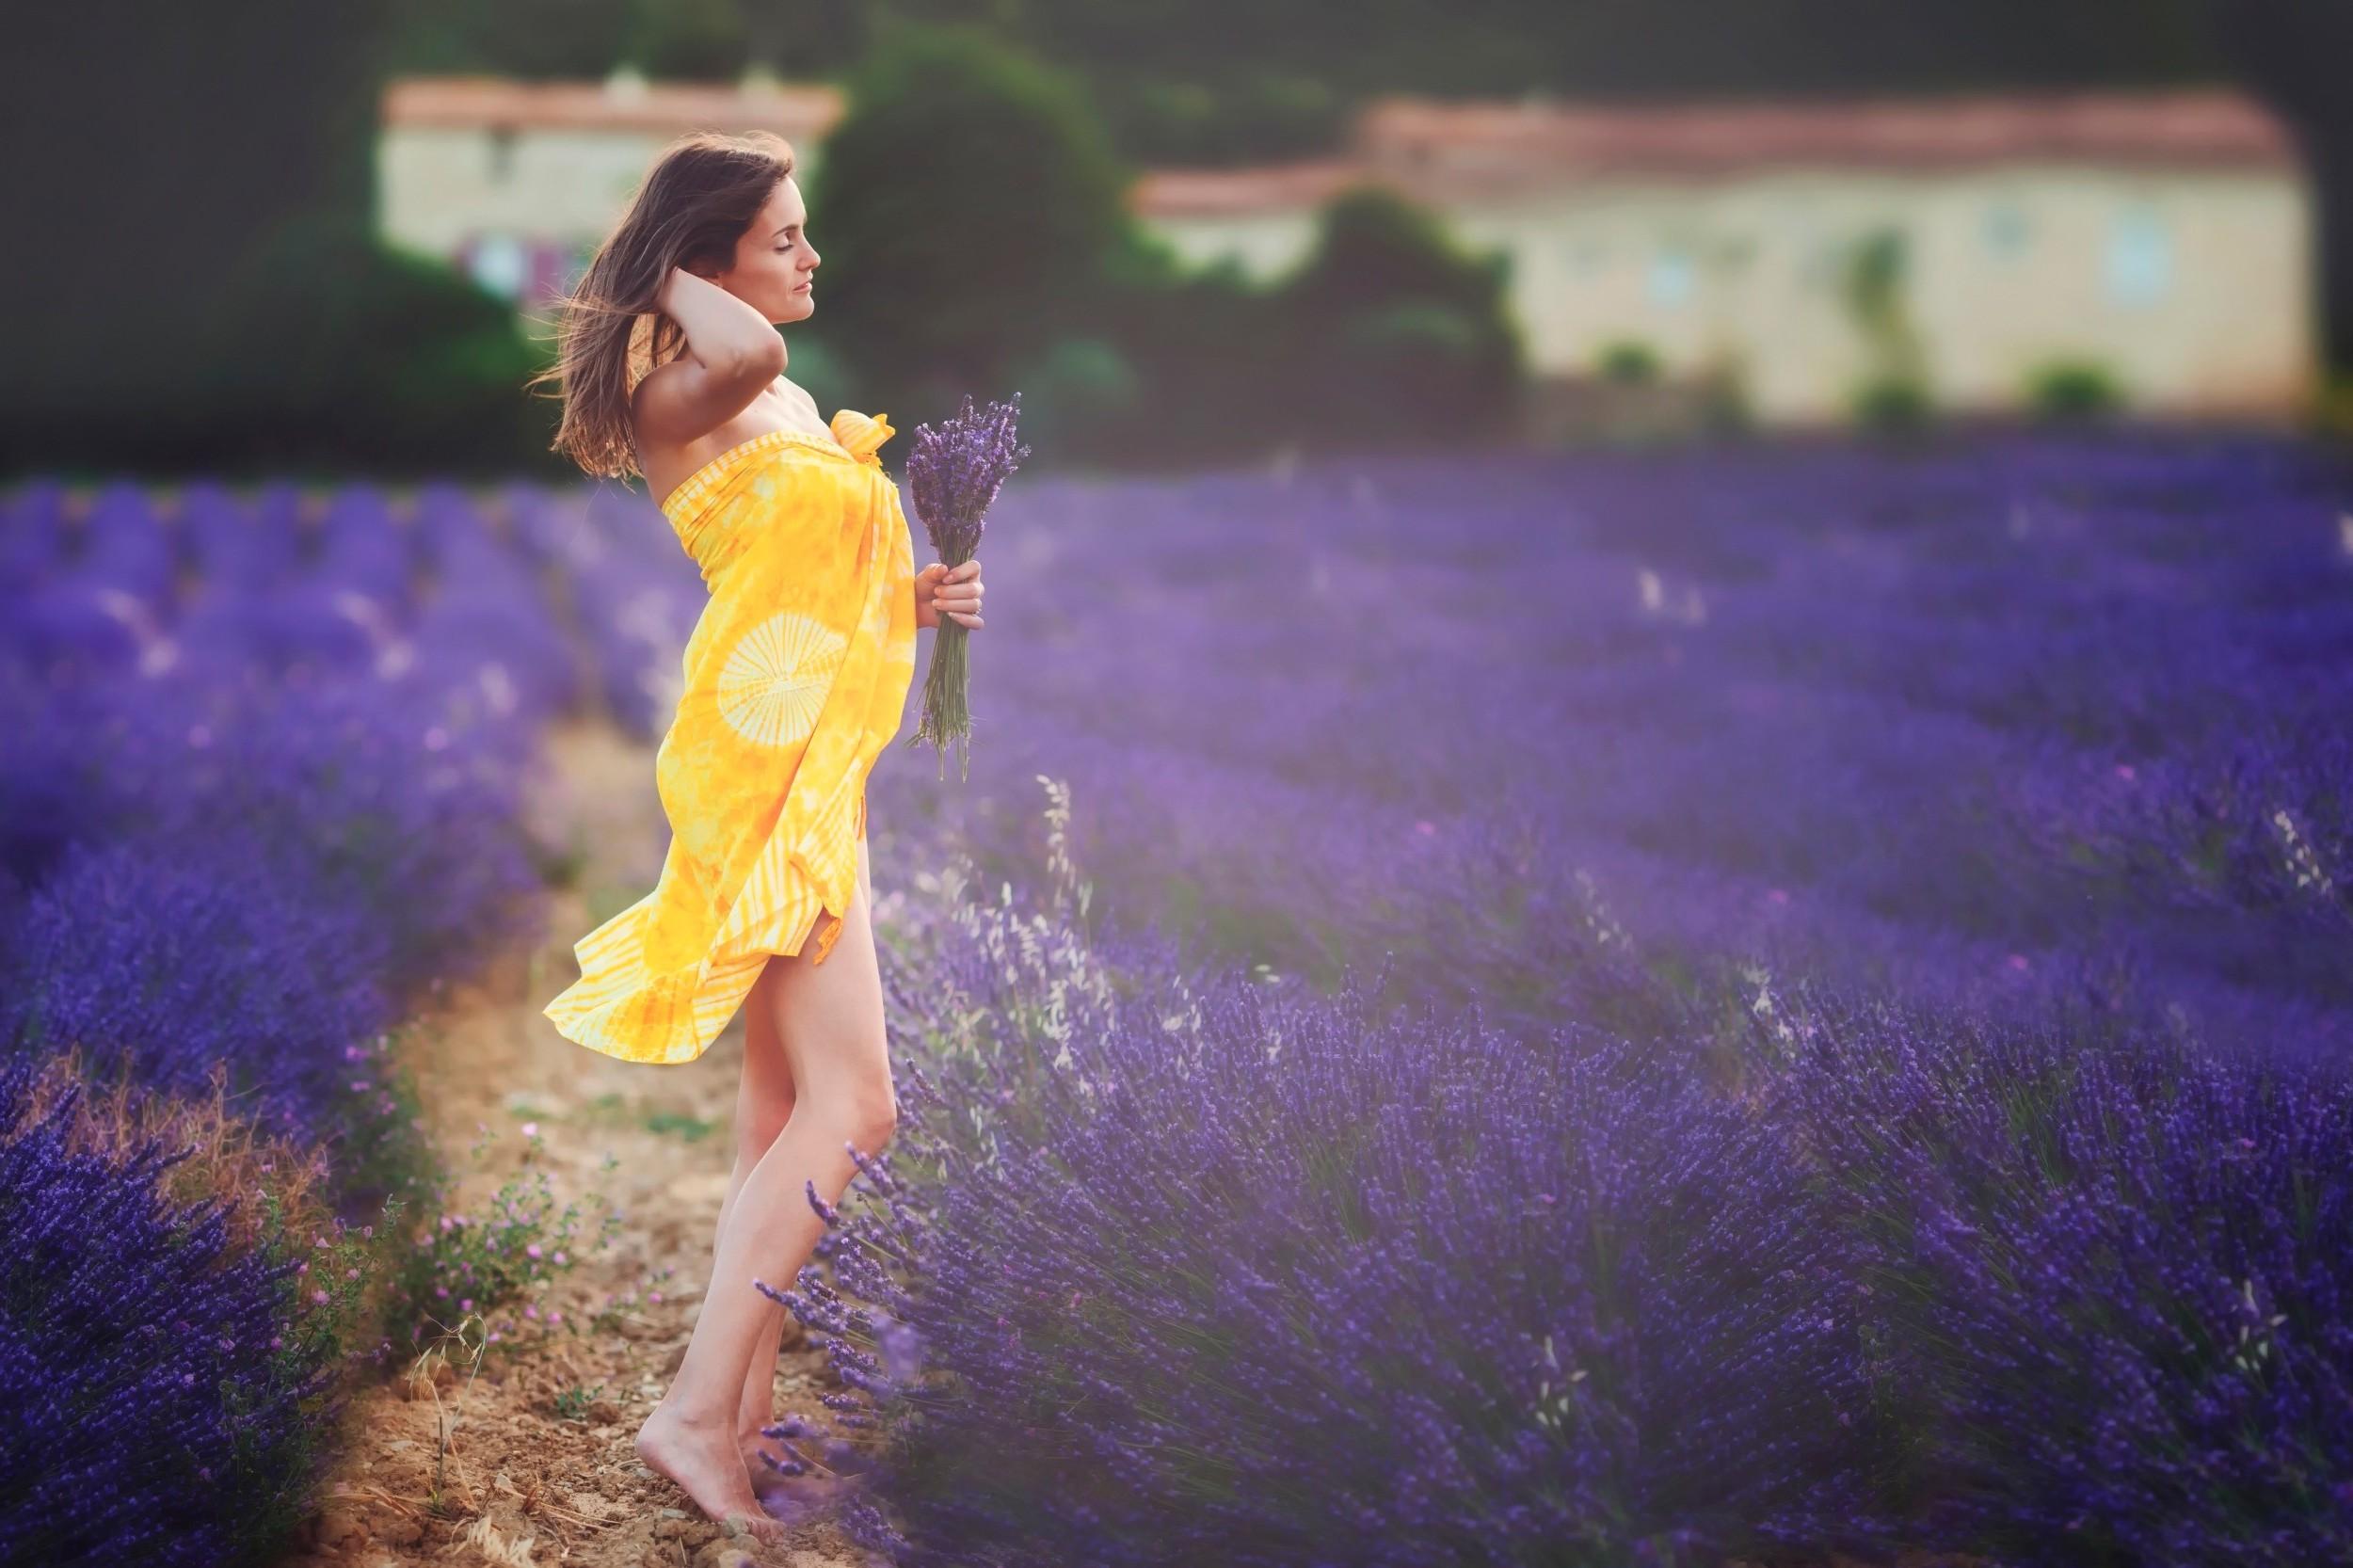 Wallpaper 2500x1666 px brunette field lavender purple flowers 2500x1666 px brunette field flowers lavender purple flowers women women outdoors yellow dress mightylinksfo